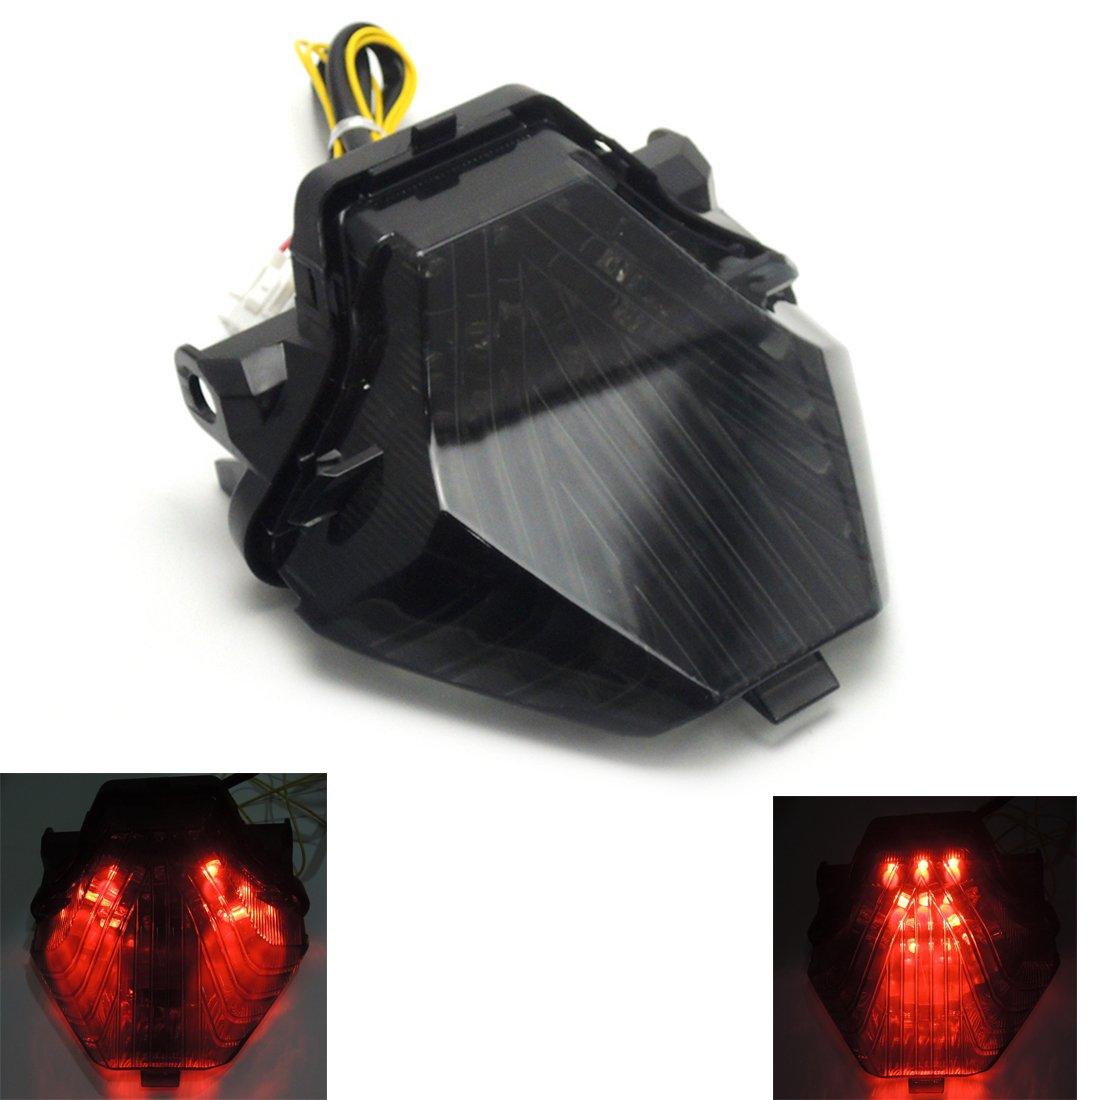 Buy Fz07 Led Turn Signal Indicator For Yamaha Fz07 Fz 07